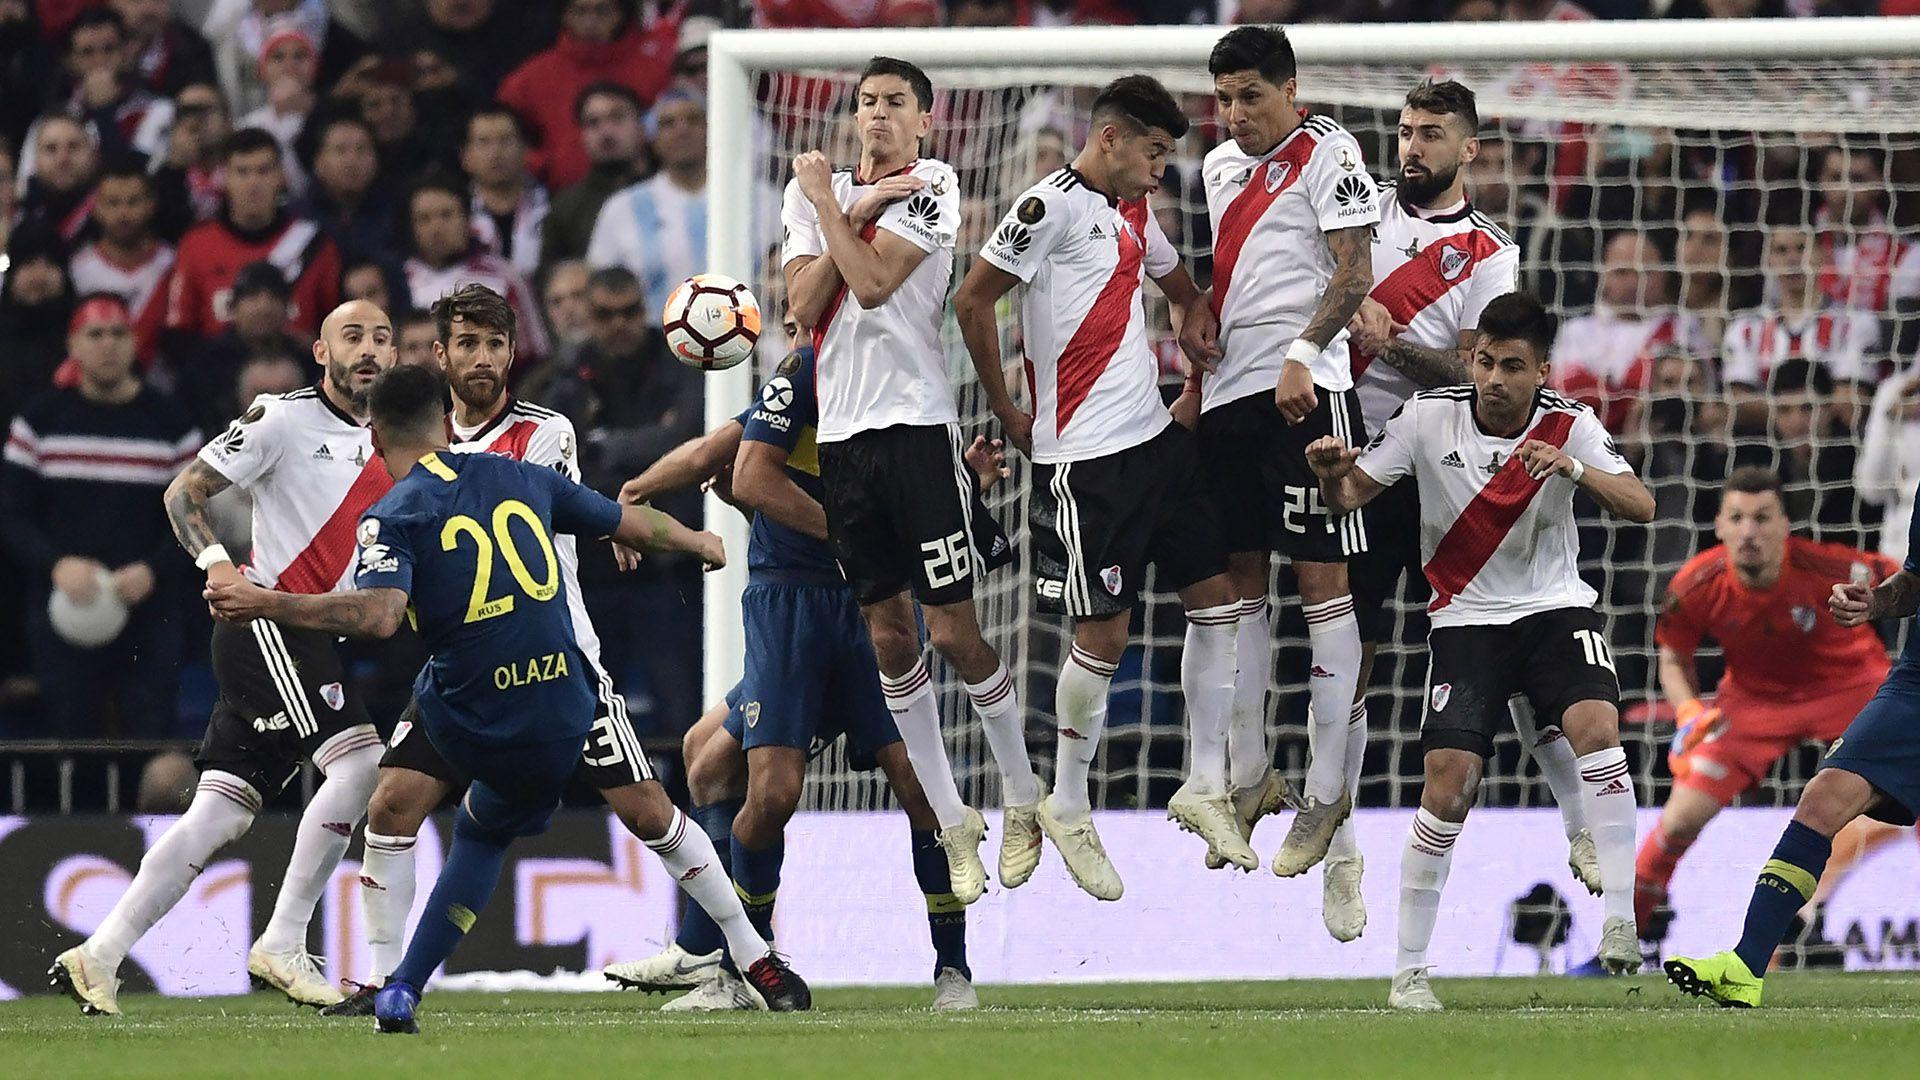 El último partido de Olaza en Boca fue la final de la Copa Libertadores ante River disputada en Madrid (Photo by Javier SORIANO / AFP)